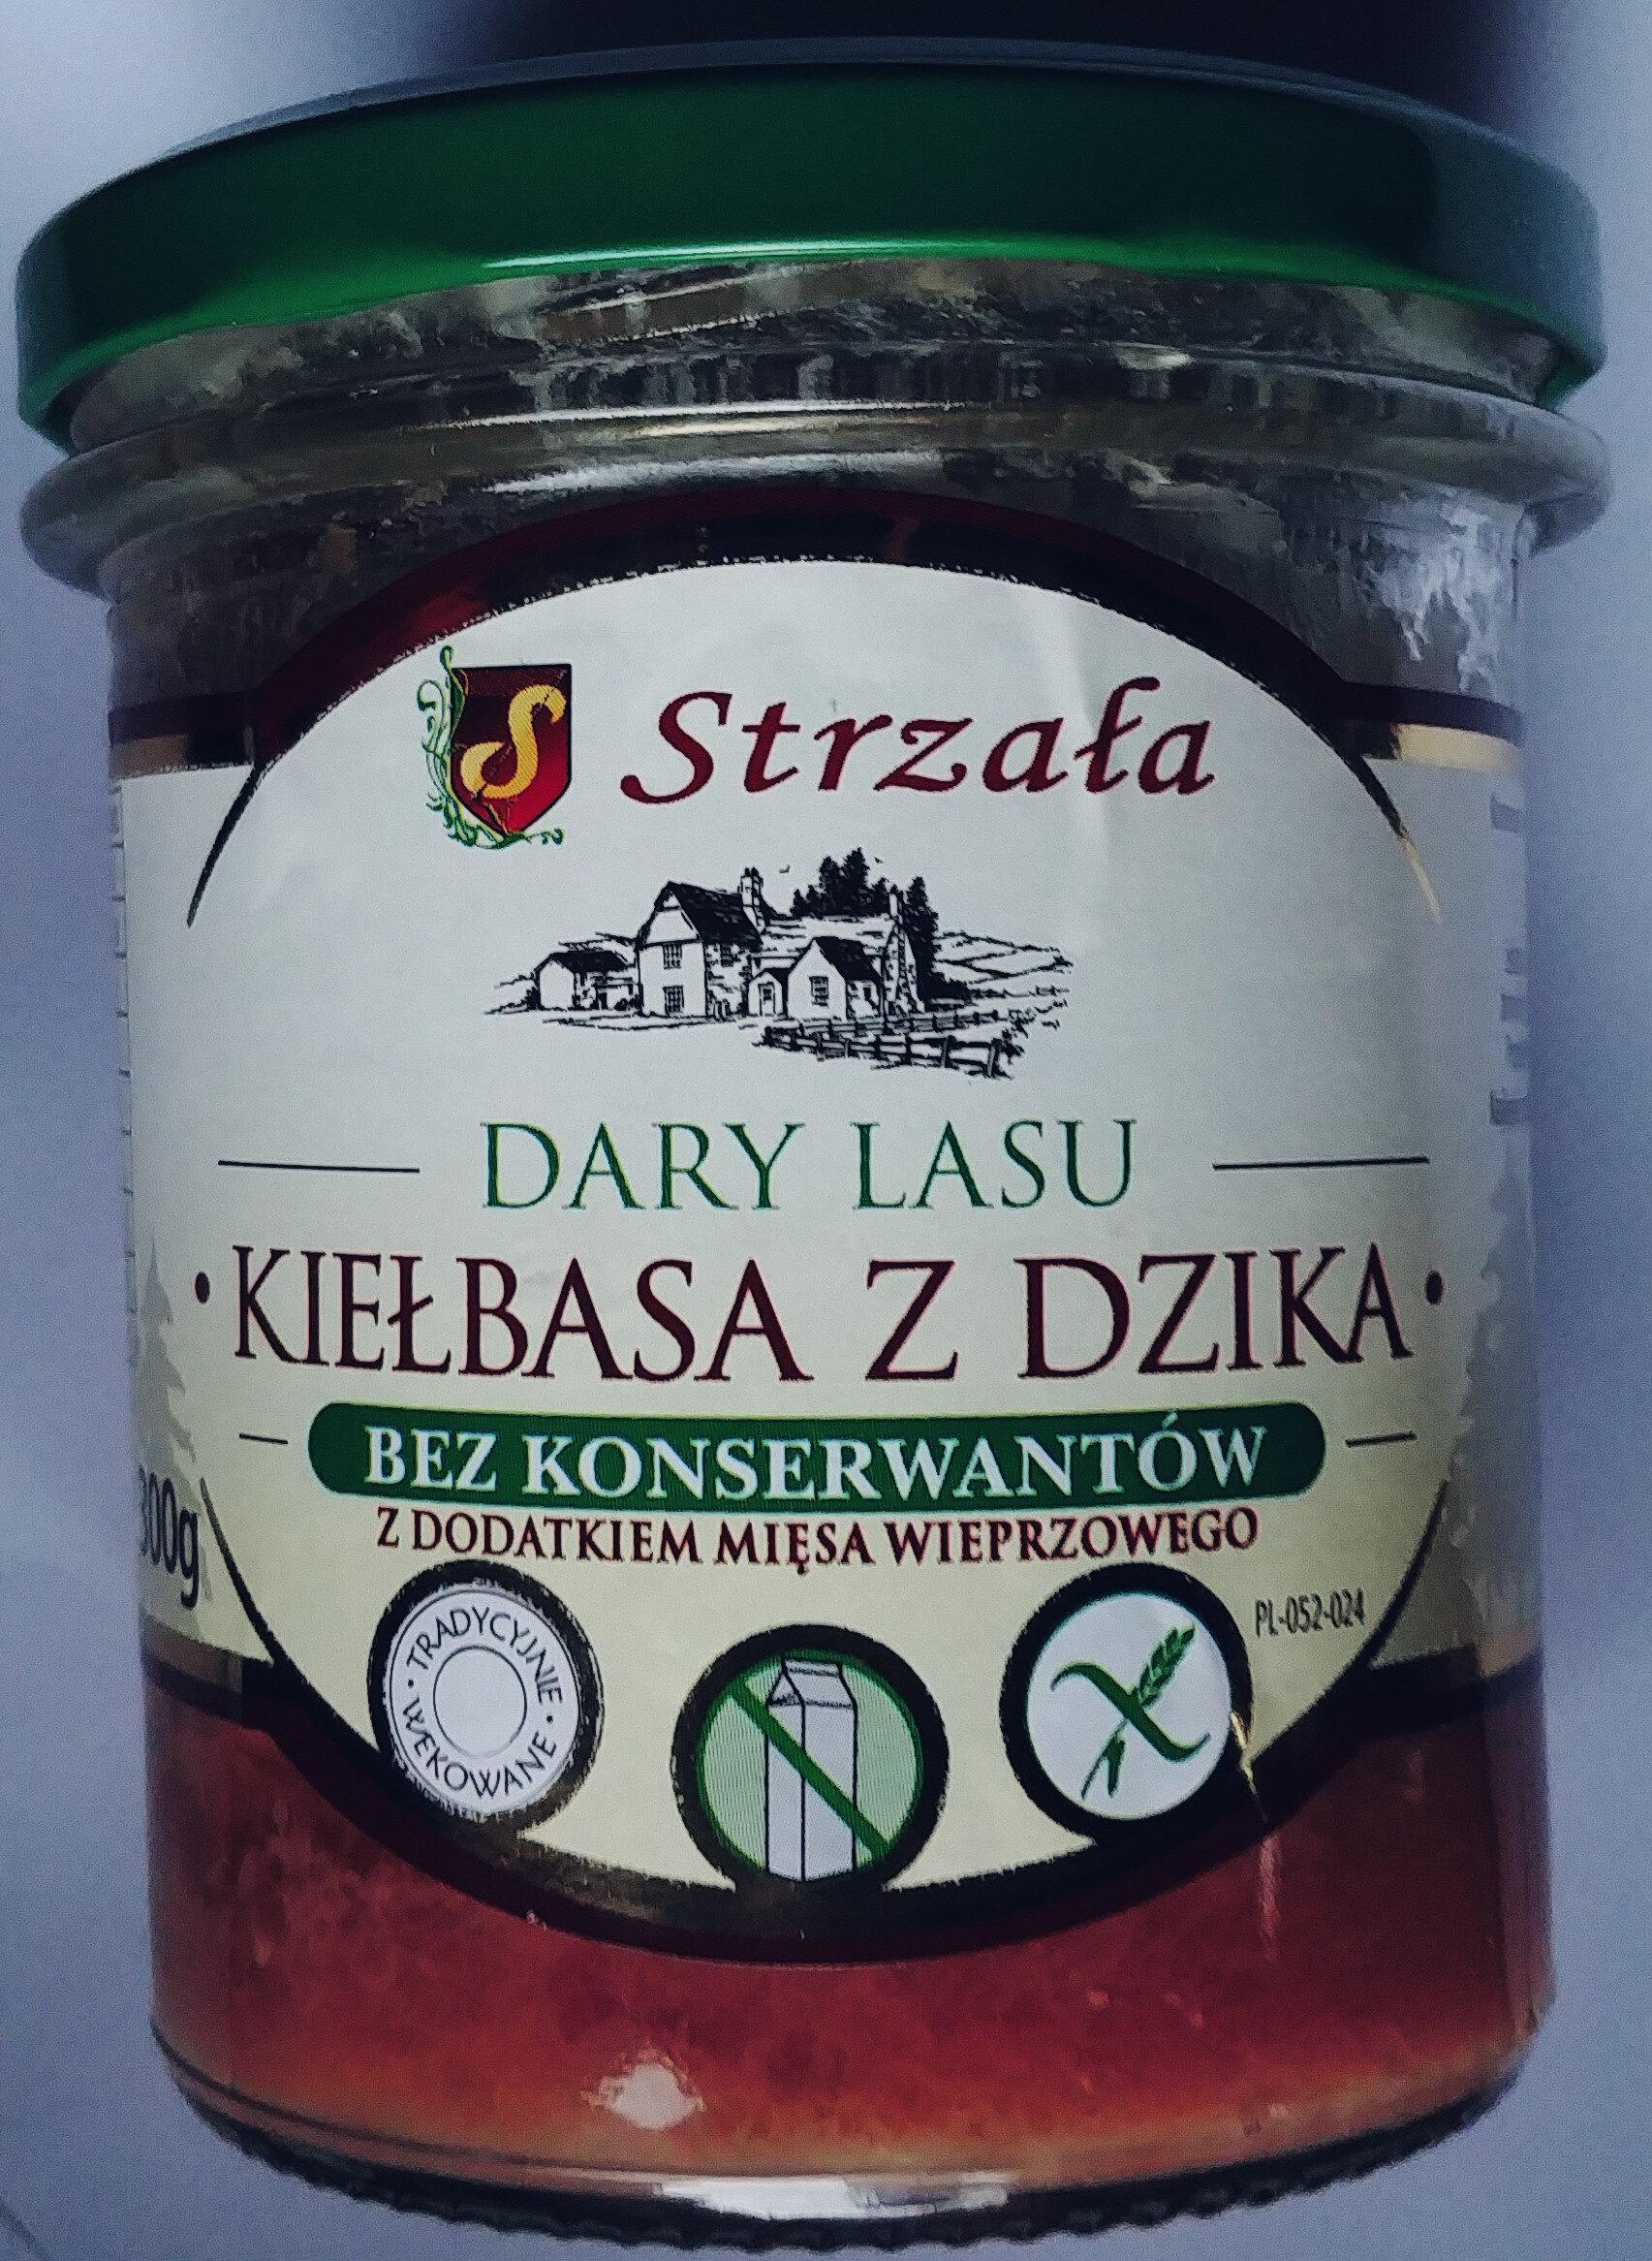 Konserwa mięsna z dziczyzny z dodatkiem mięsa wieprzowego - Product - pl